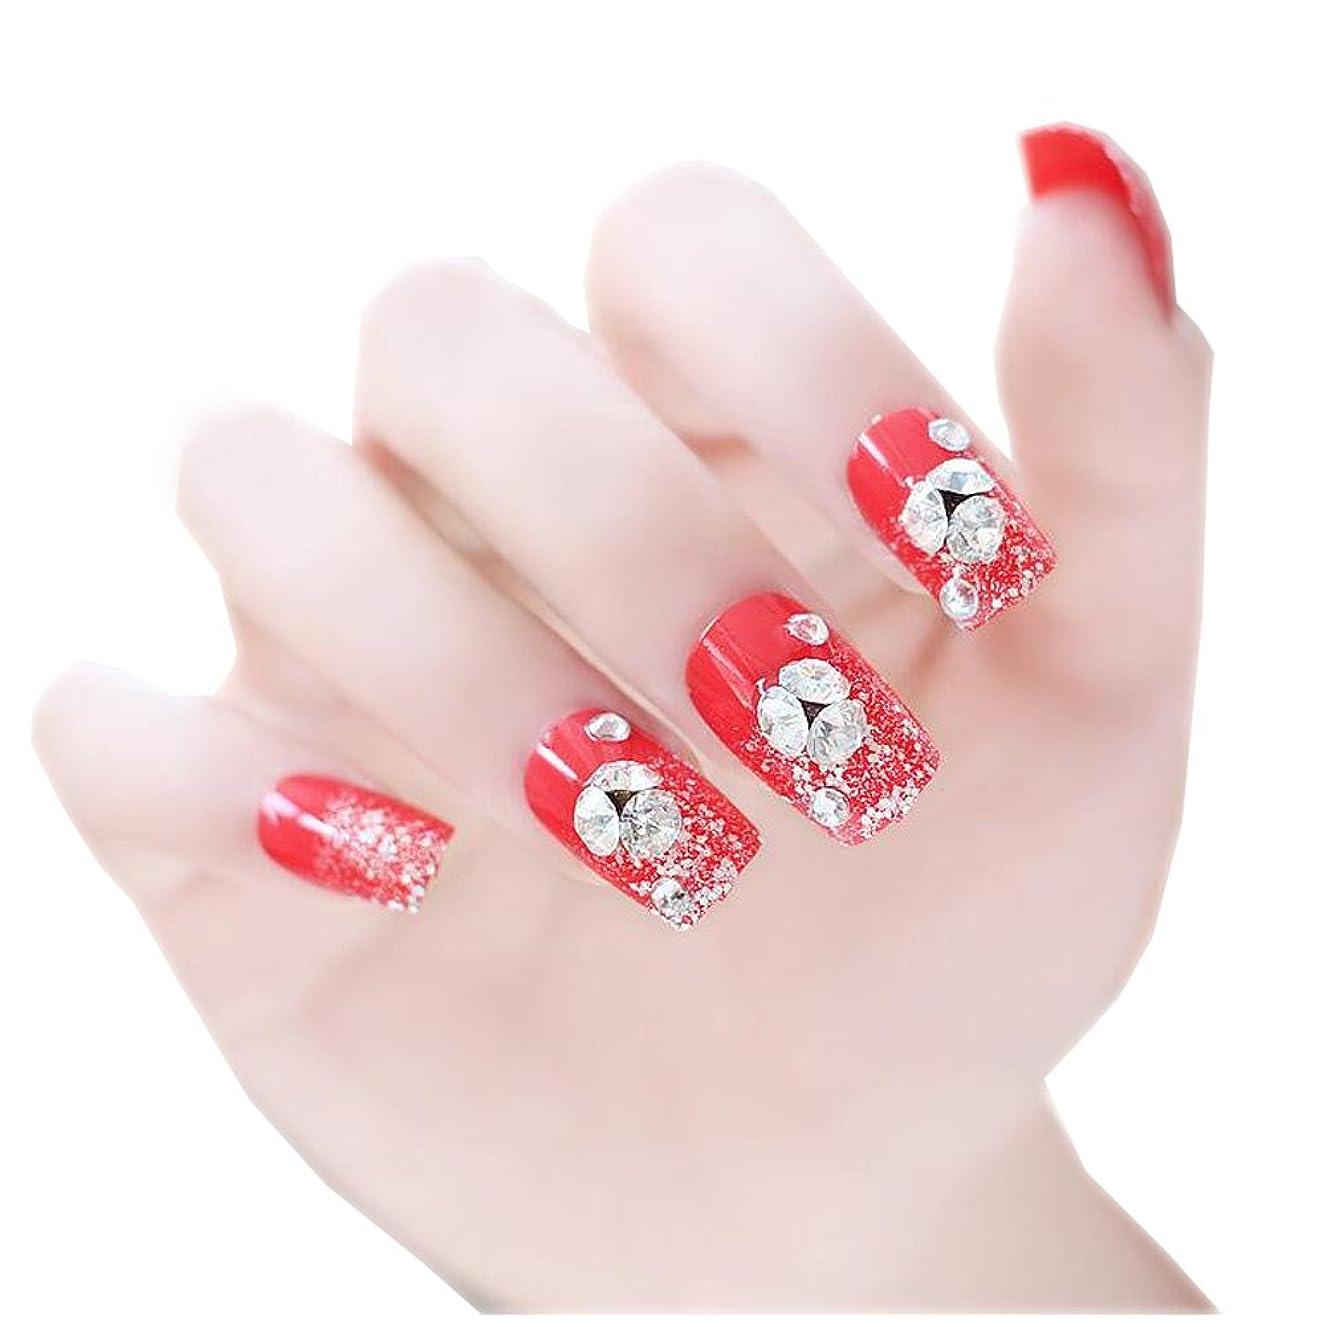 メイエラロッド広範囲に24個のPCS結婚式の花嫁の人工爪ガム(赤)